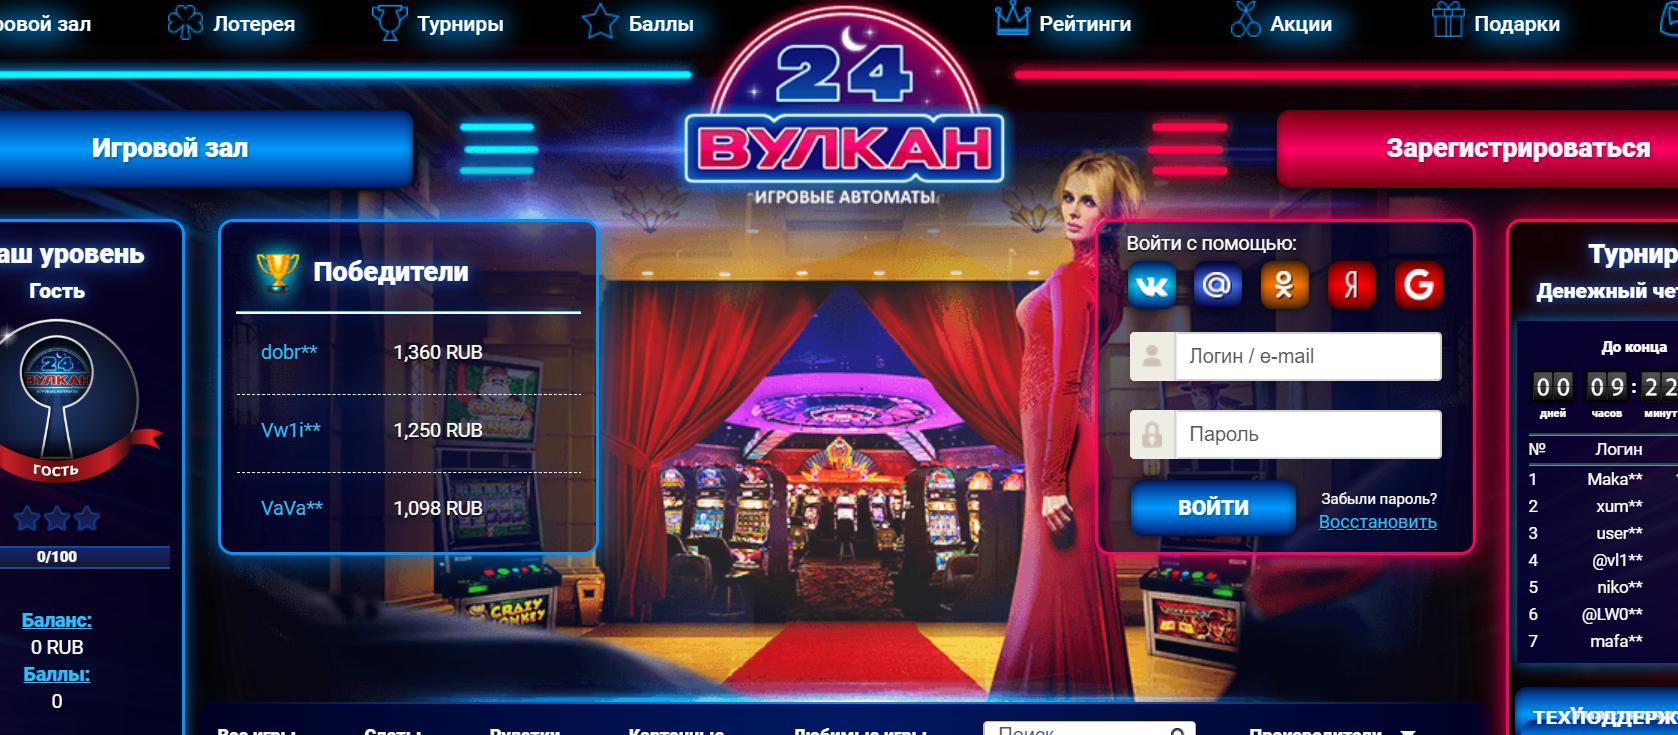 Особенности автоигры в интернет клубе 24 Вулкан